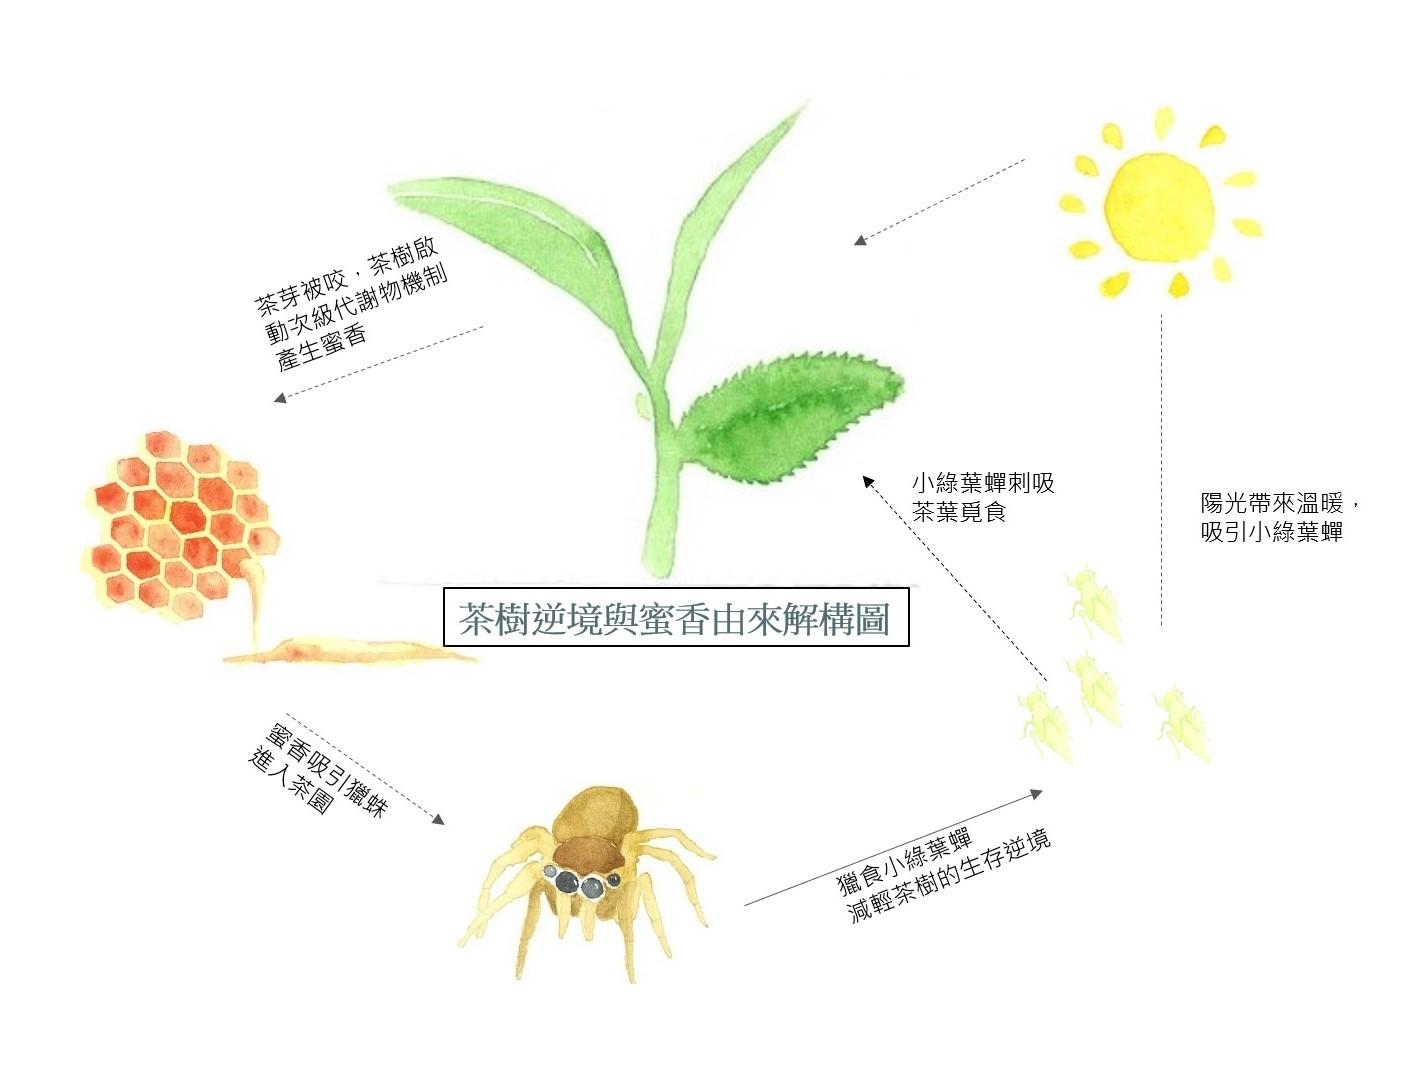 Insect, Lepidoptera, M / 0d, Pollinator, Leaf, Plant stem, Product design, Diagram, Design, Product, leaf, Botany, Plant, Organism, Leaf, Flower, Plant stem